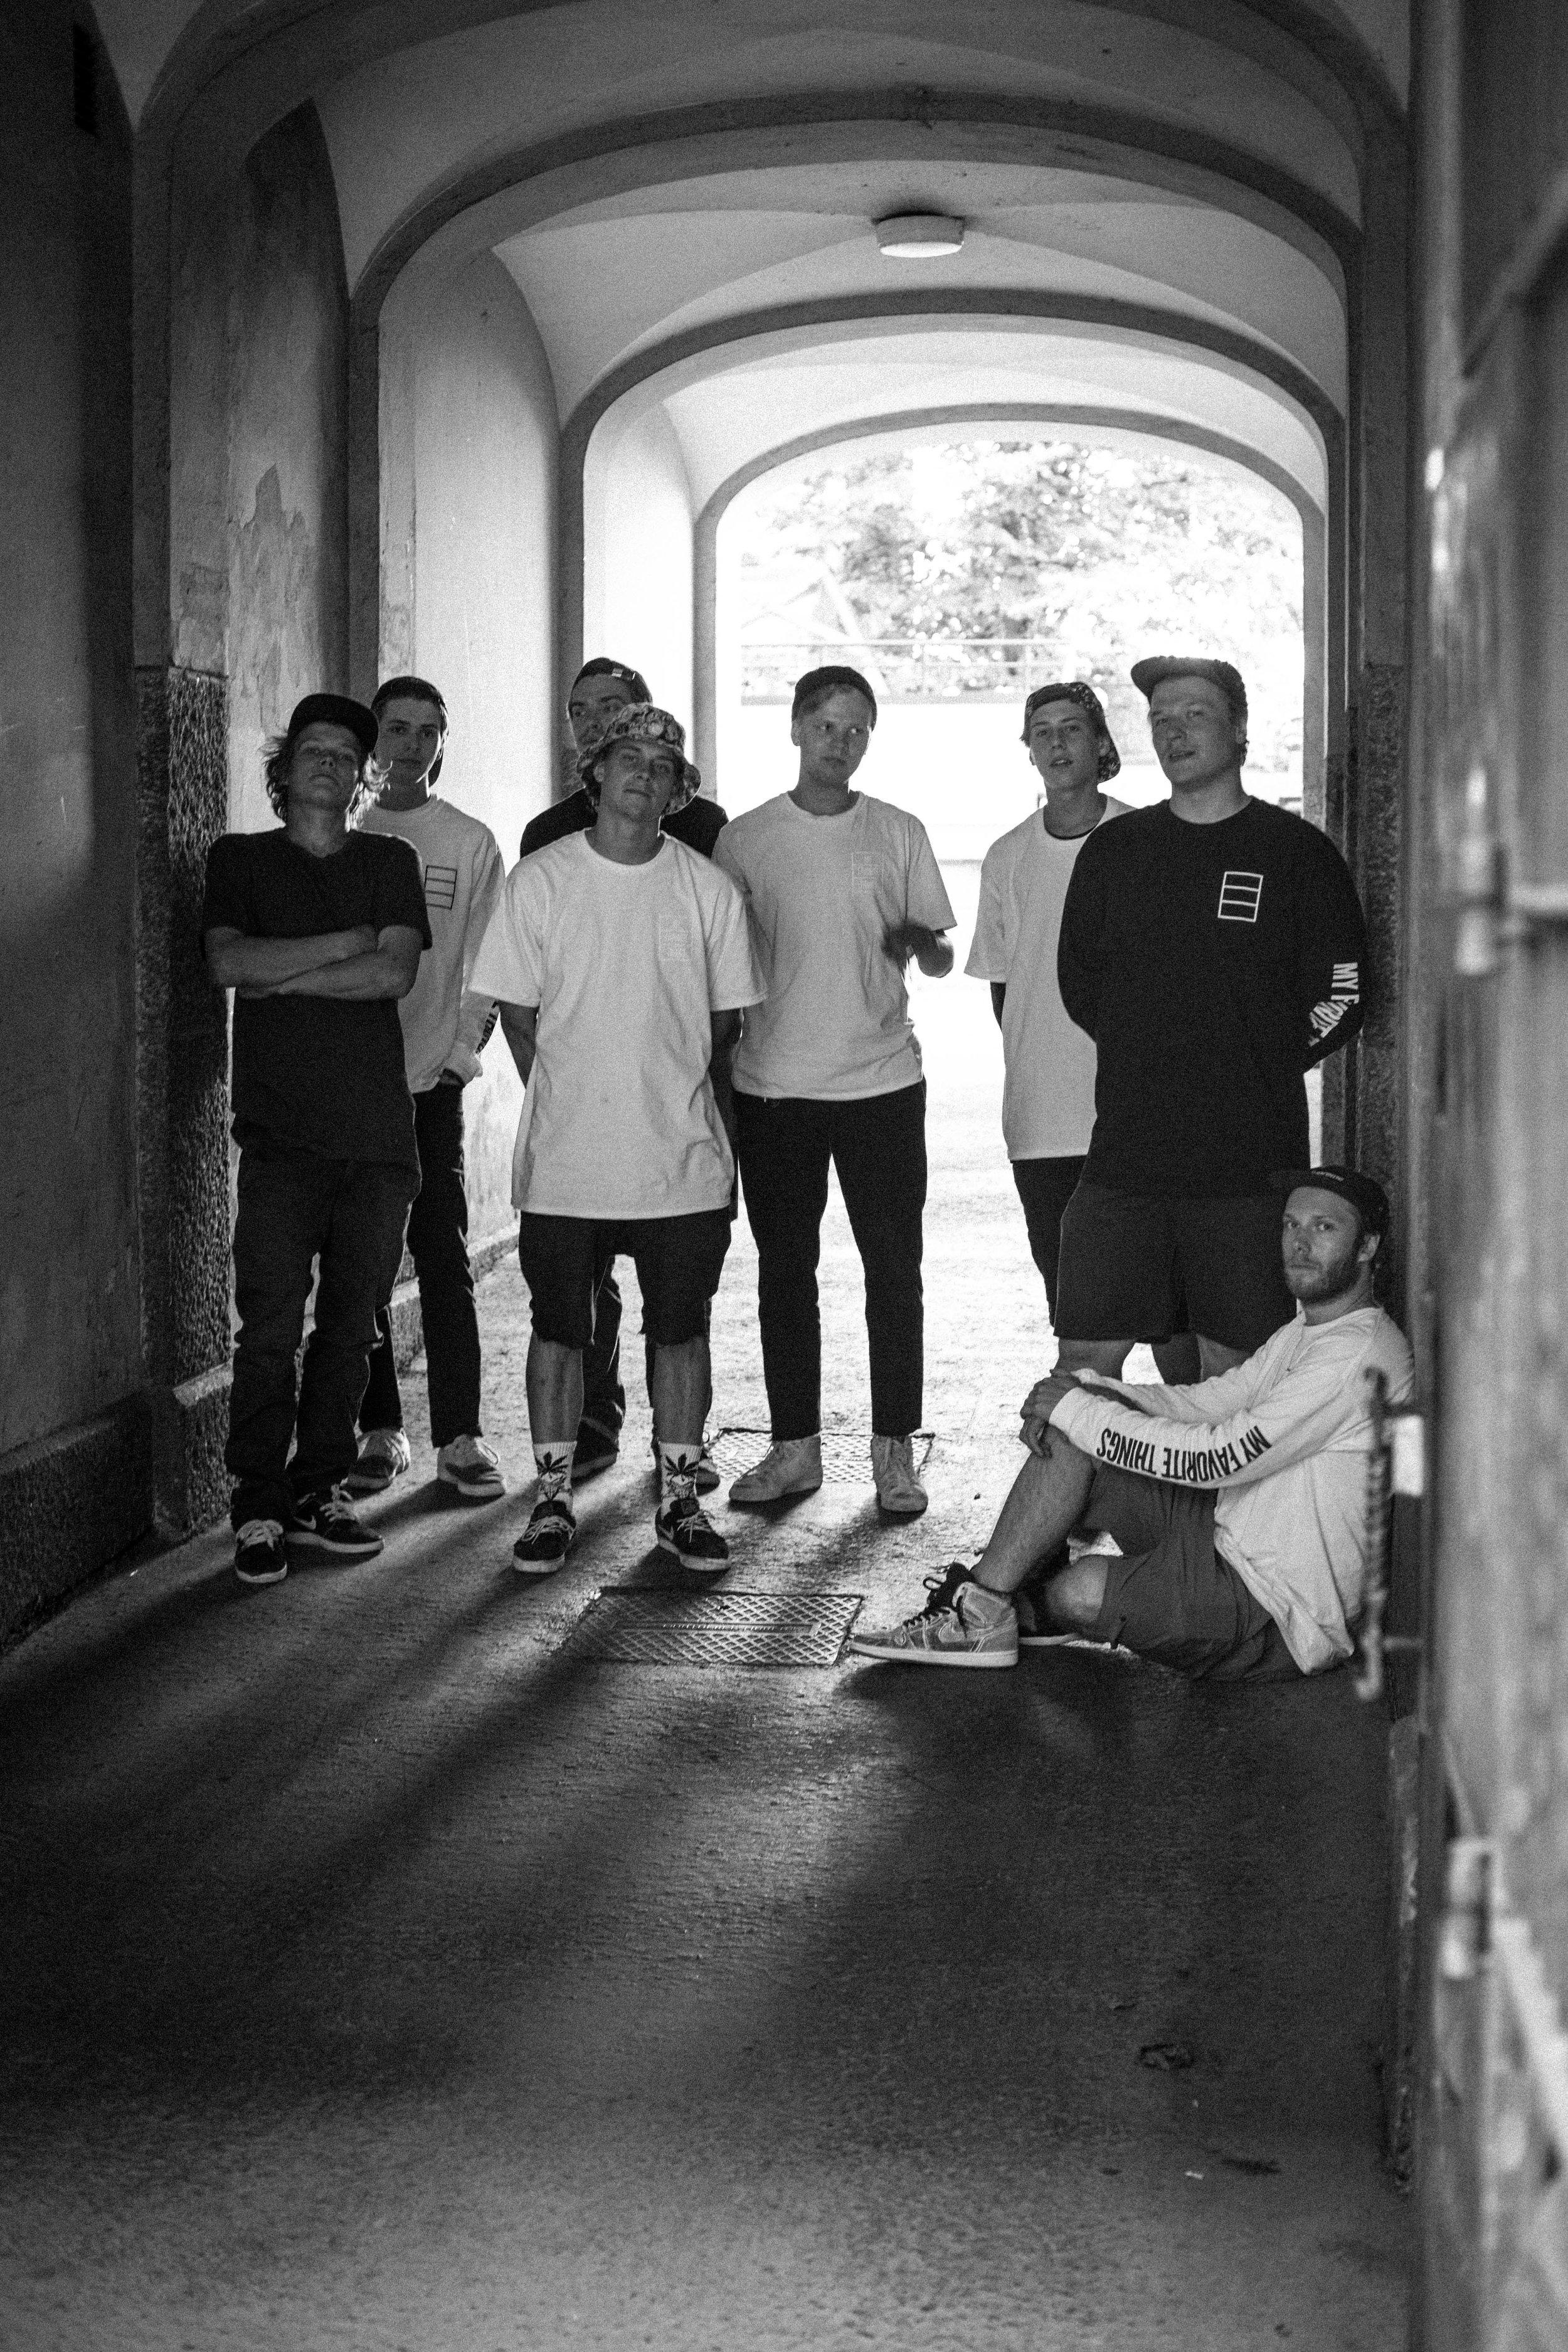 The team (photo courtesy of Mikko Kempas)